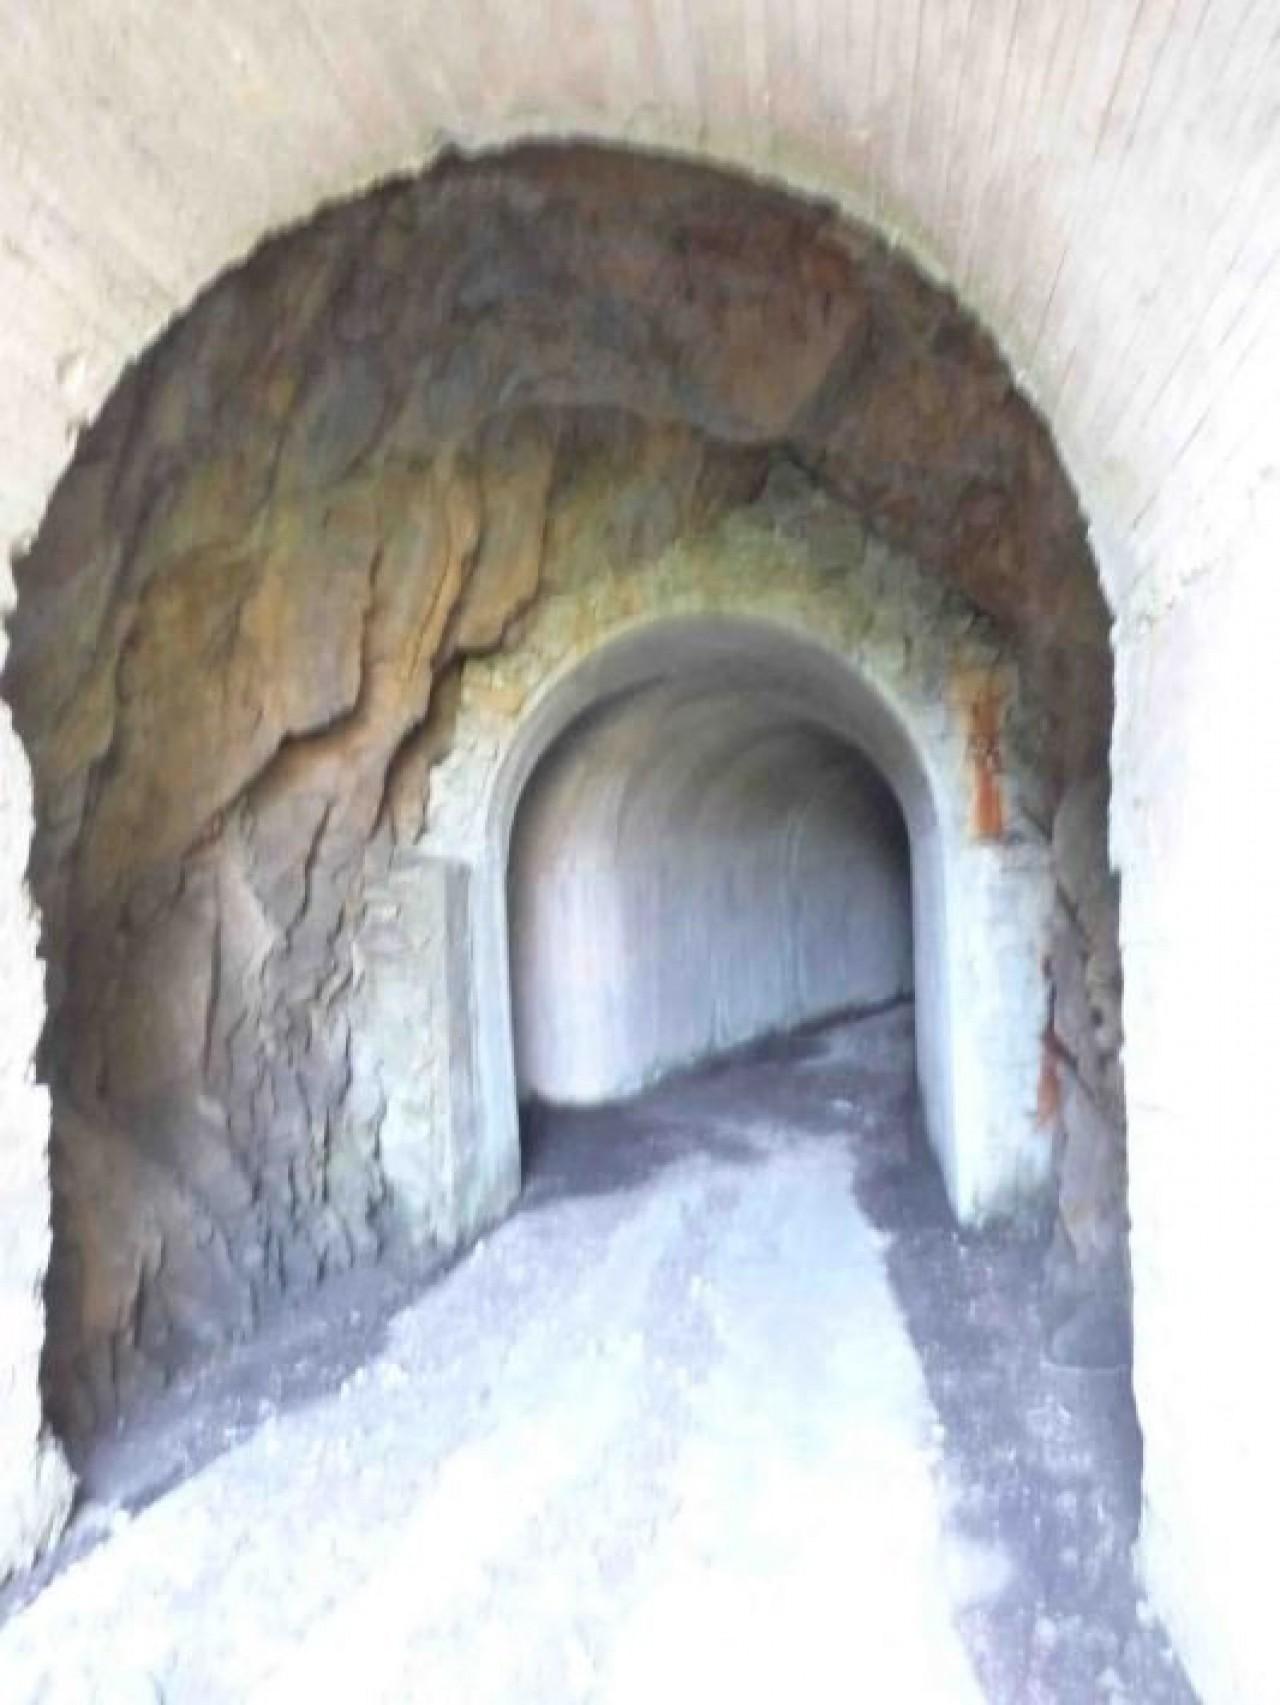 Entrada de uno de los túneles de los proyectores